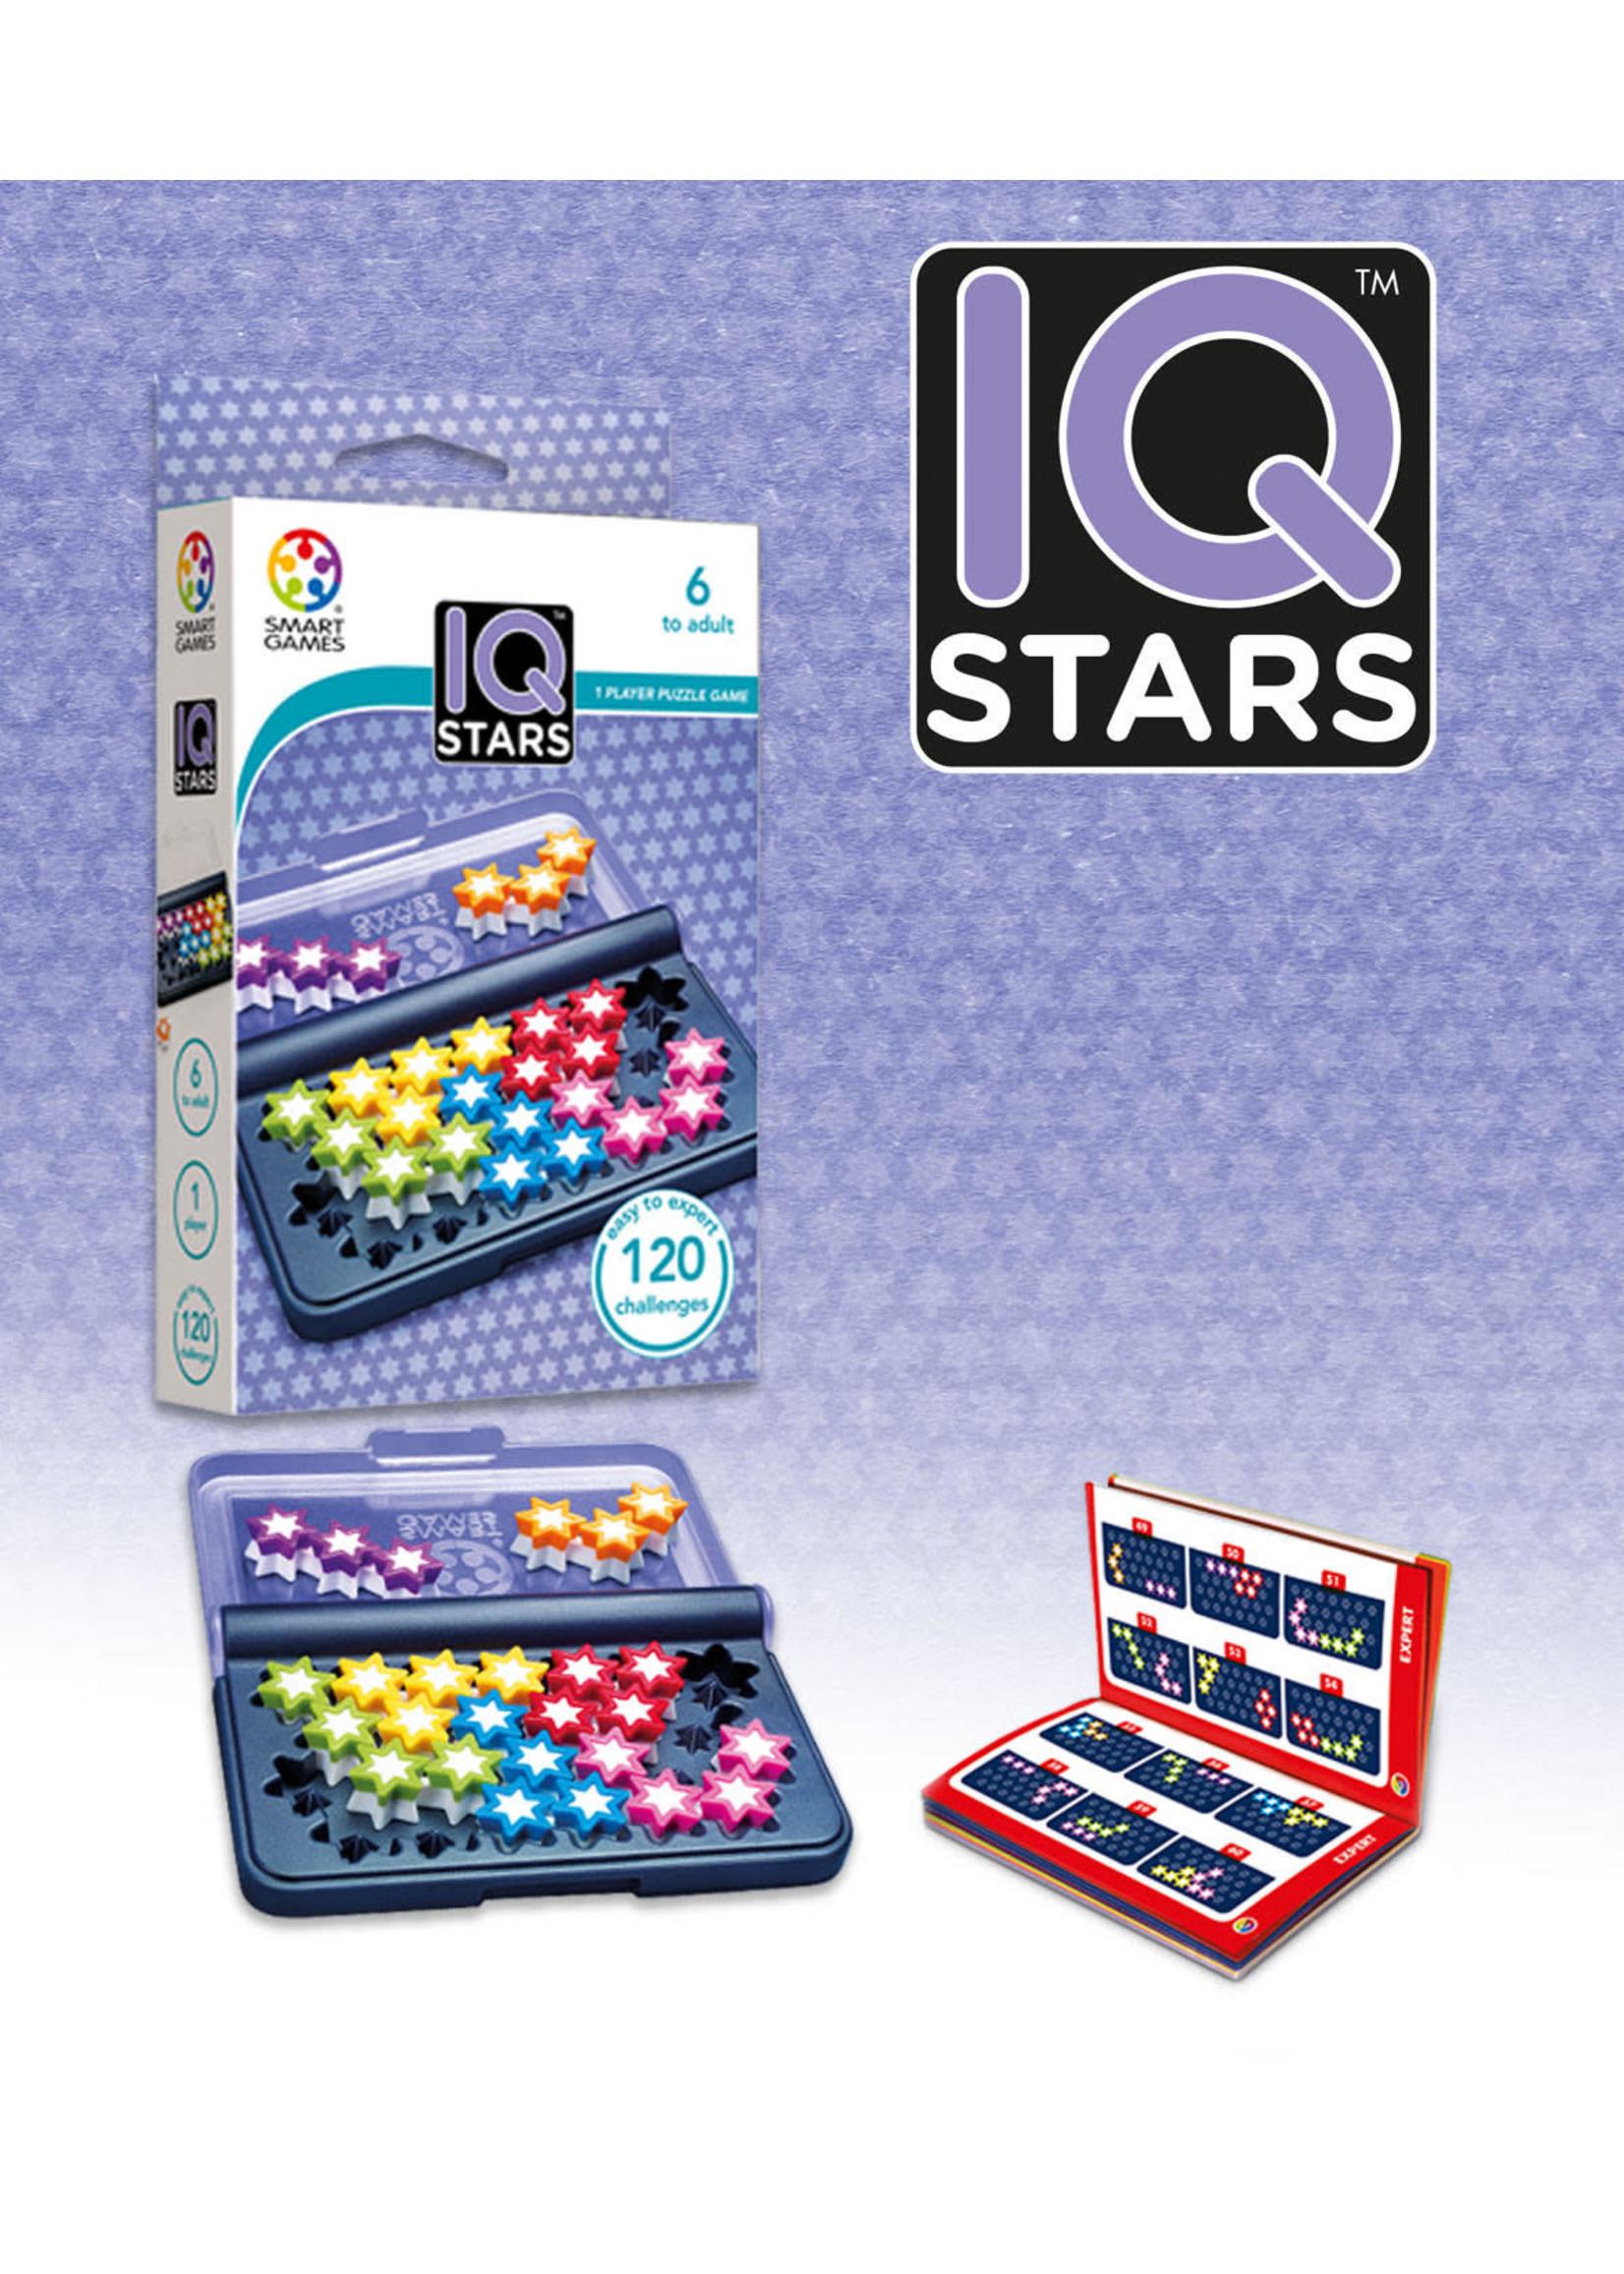 Smart Games Smart Games IQ Stars